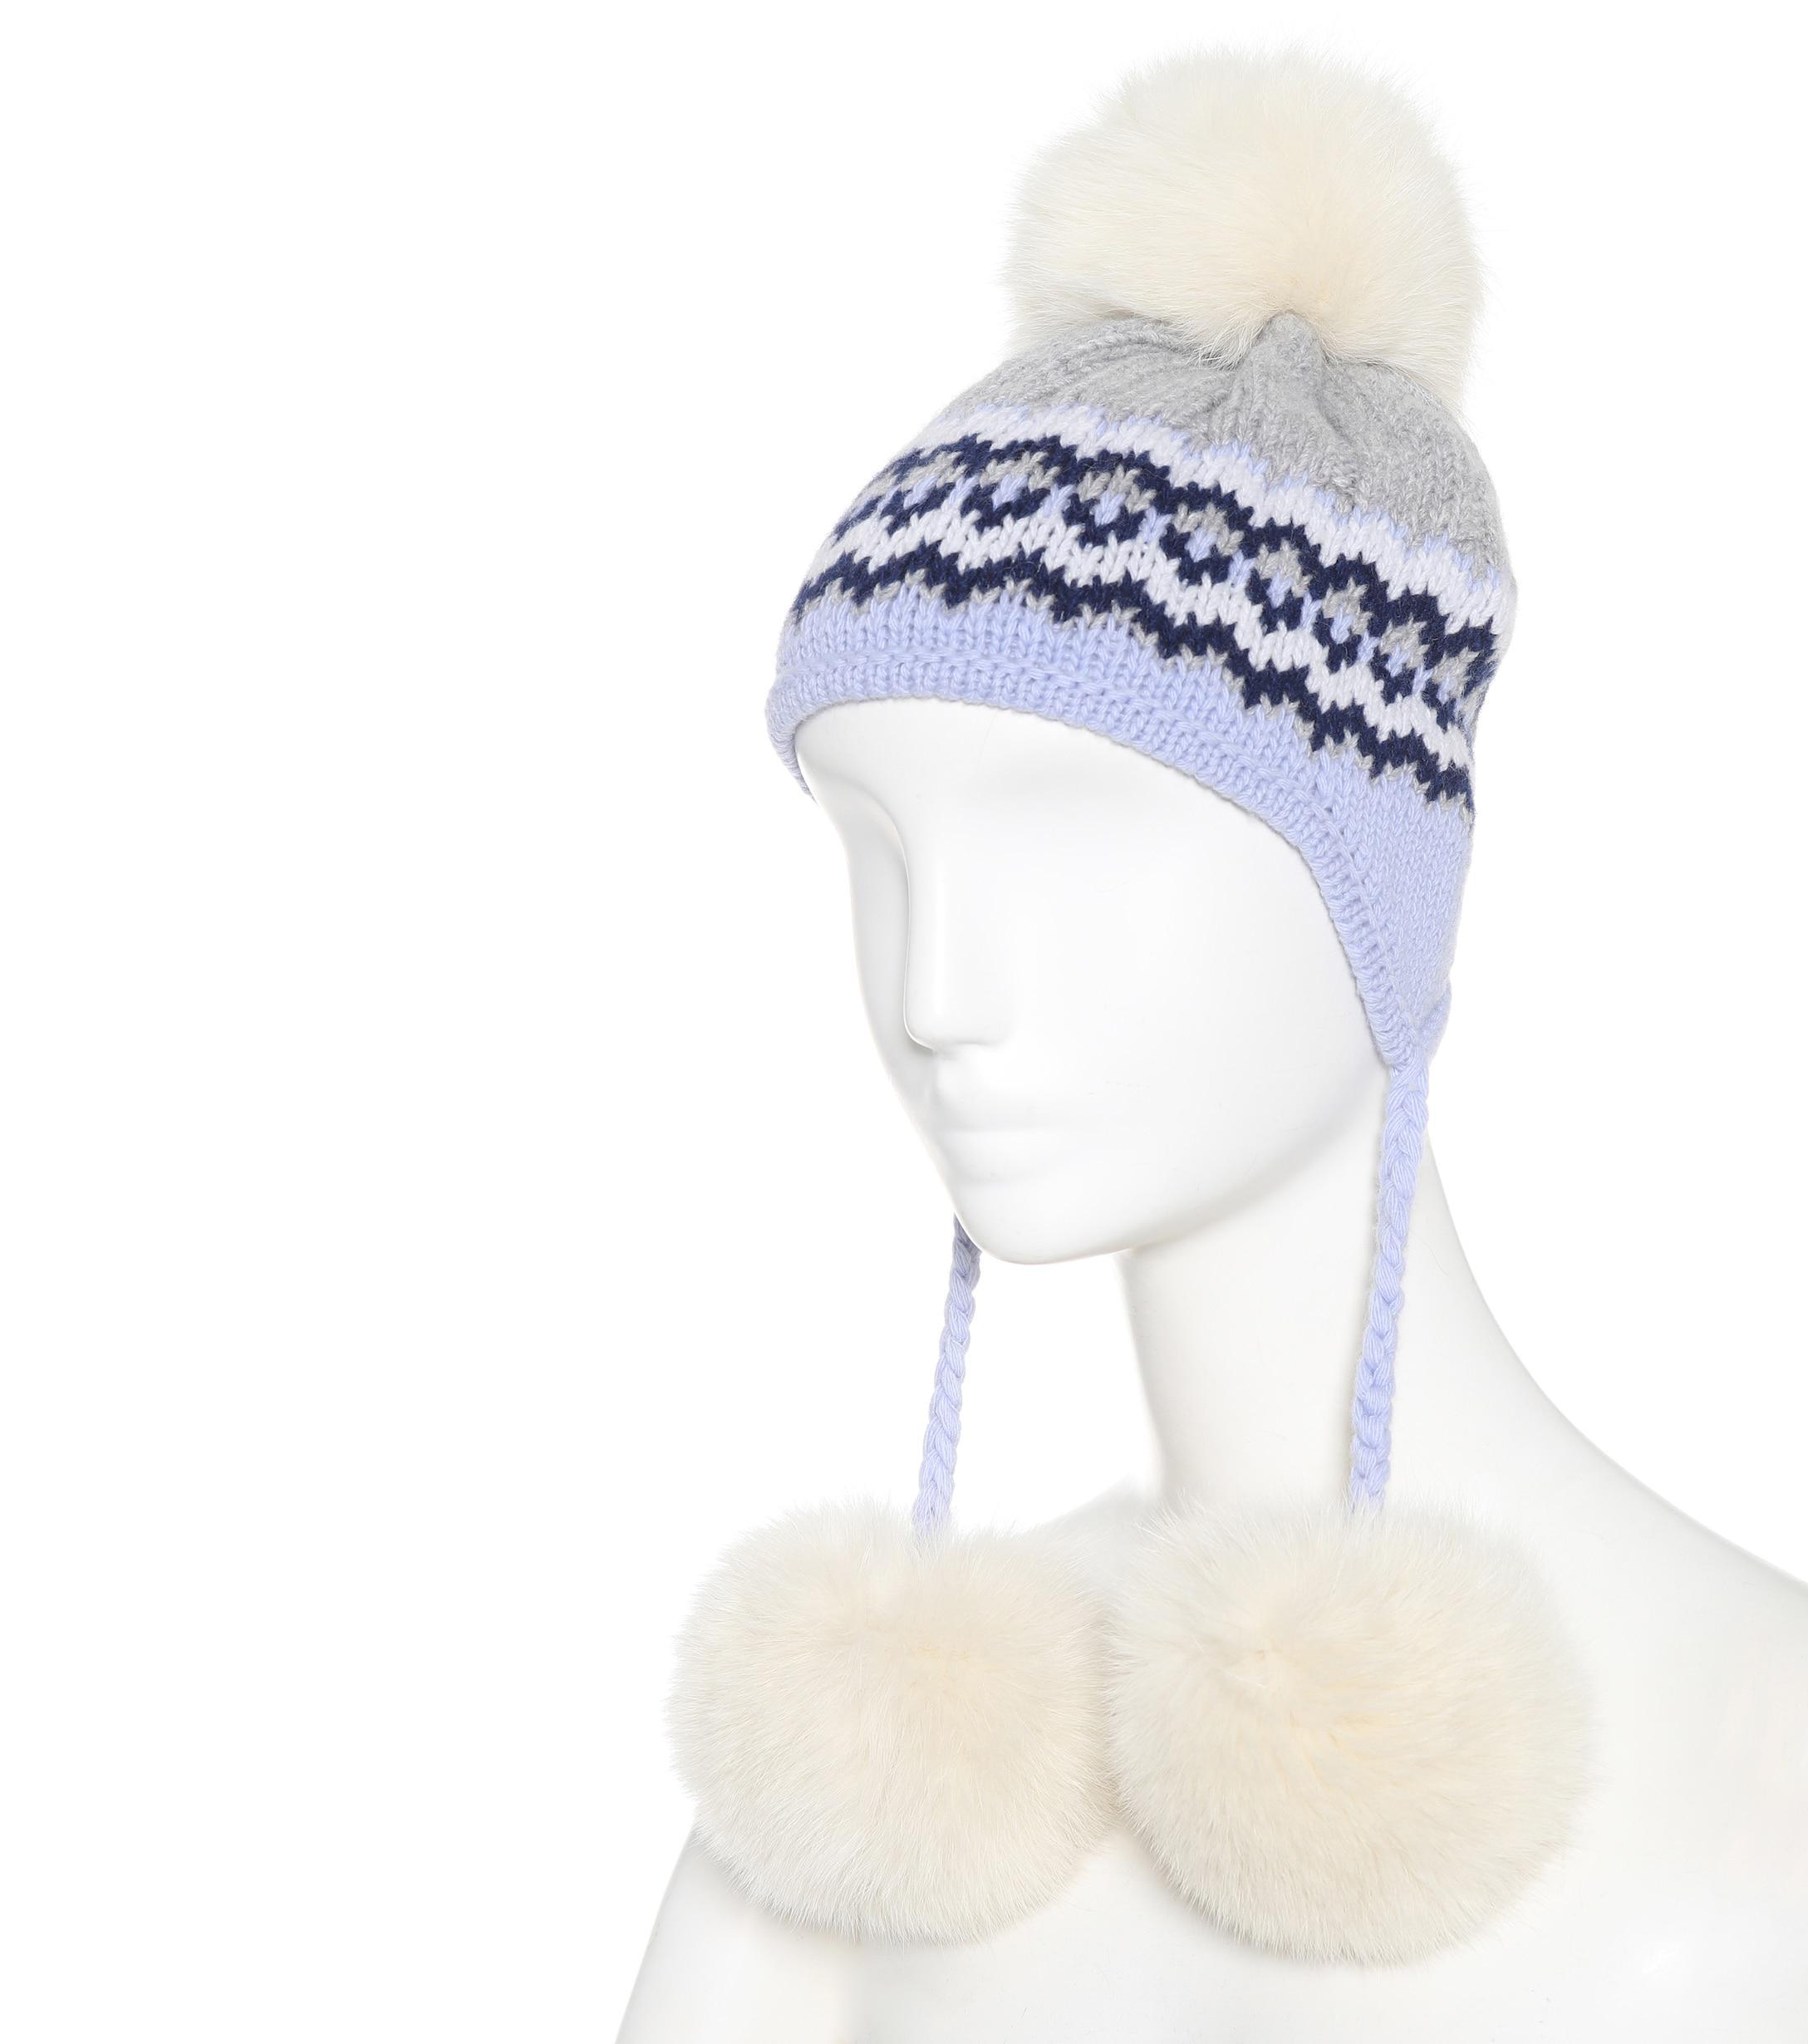 Lyst - Miu Miu Fur-trimmed Knit Hat in Blue aba21e9293d